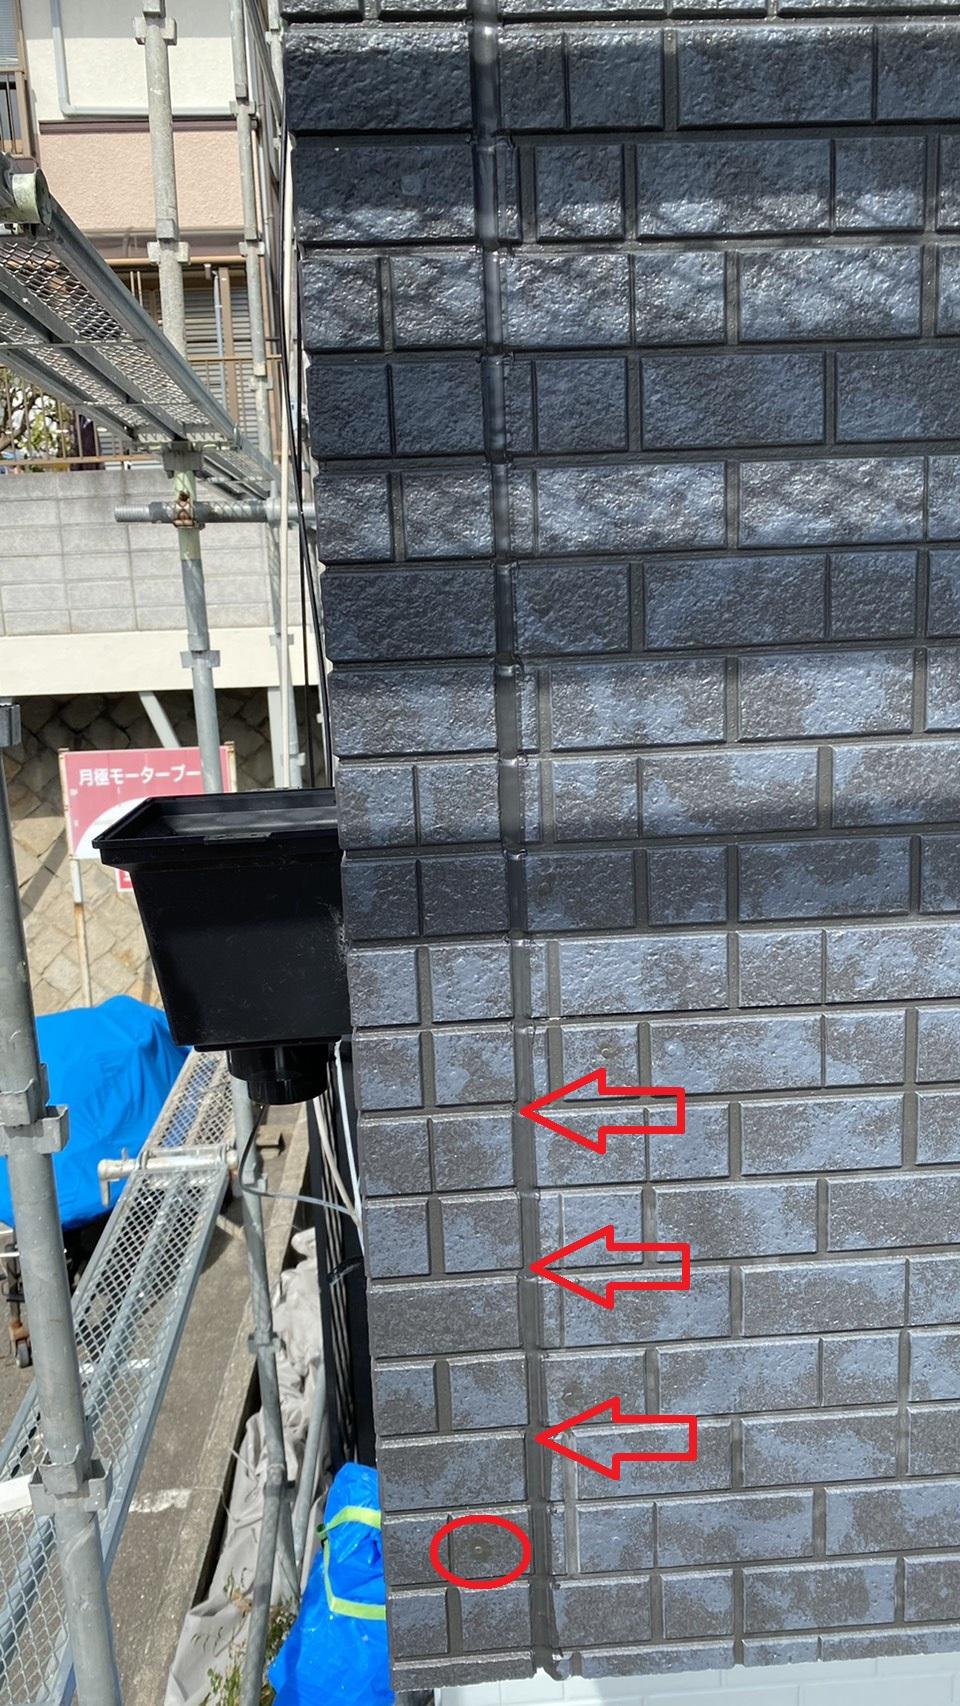 神戸市垂水区でのベランダサイディング貼り替えでコーキングとタッチアップを施工した様子